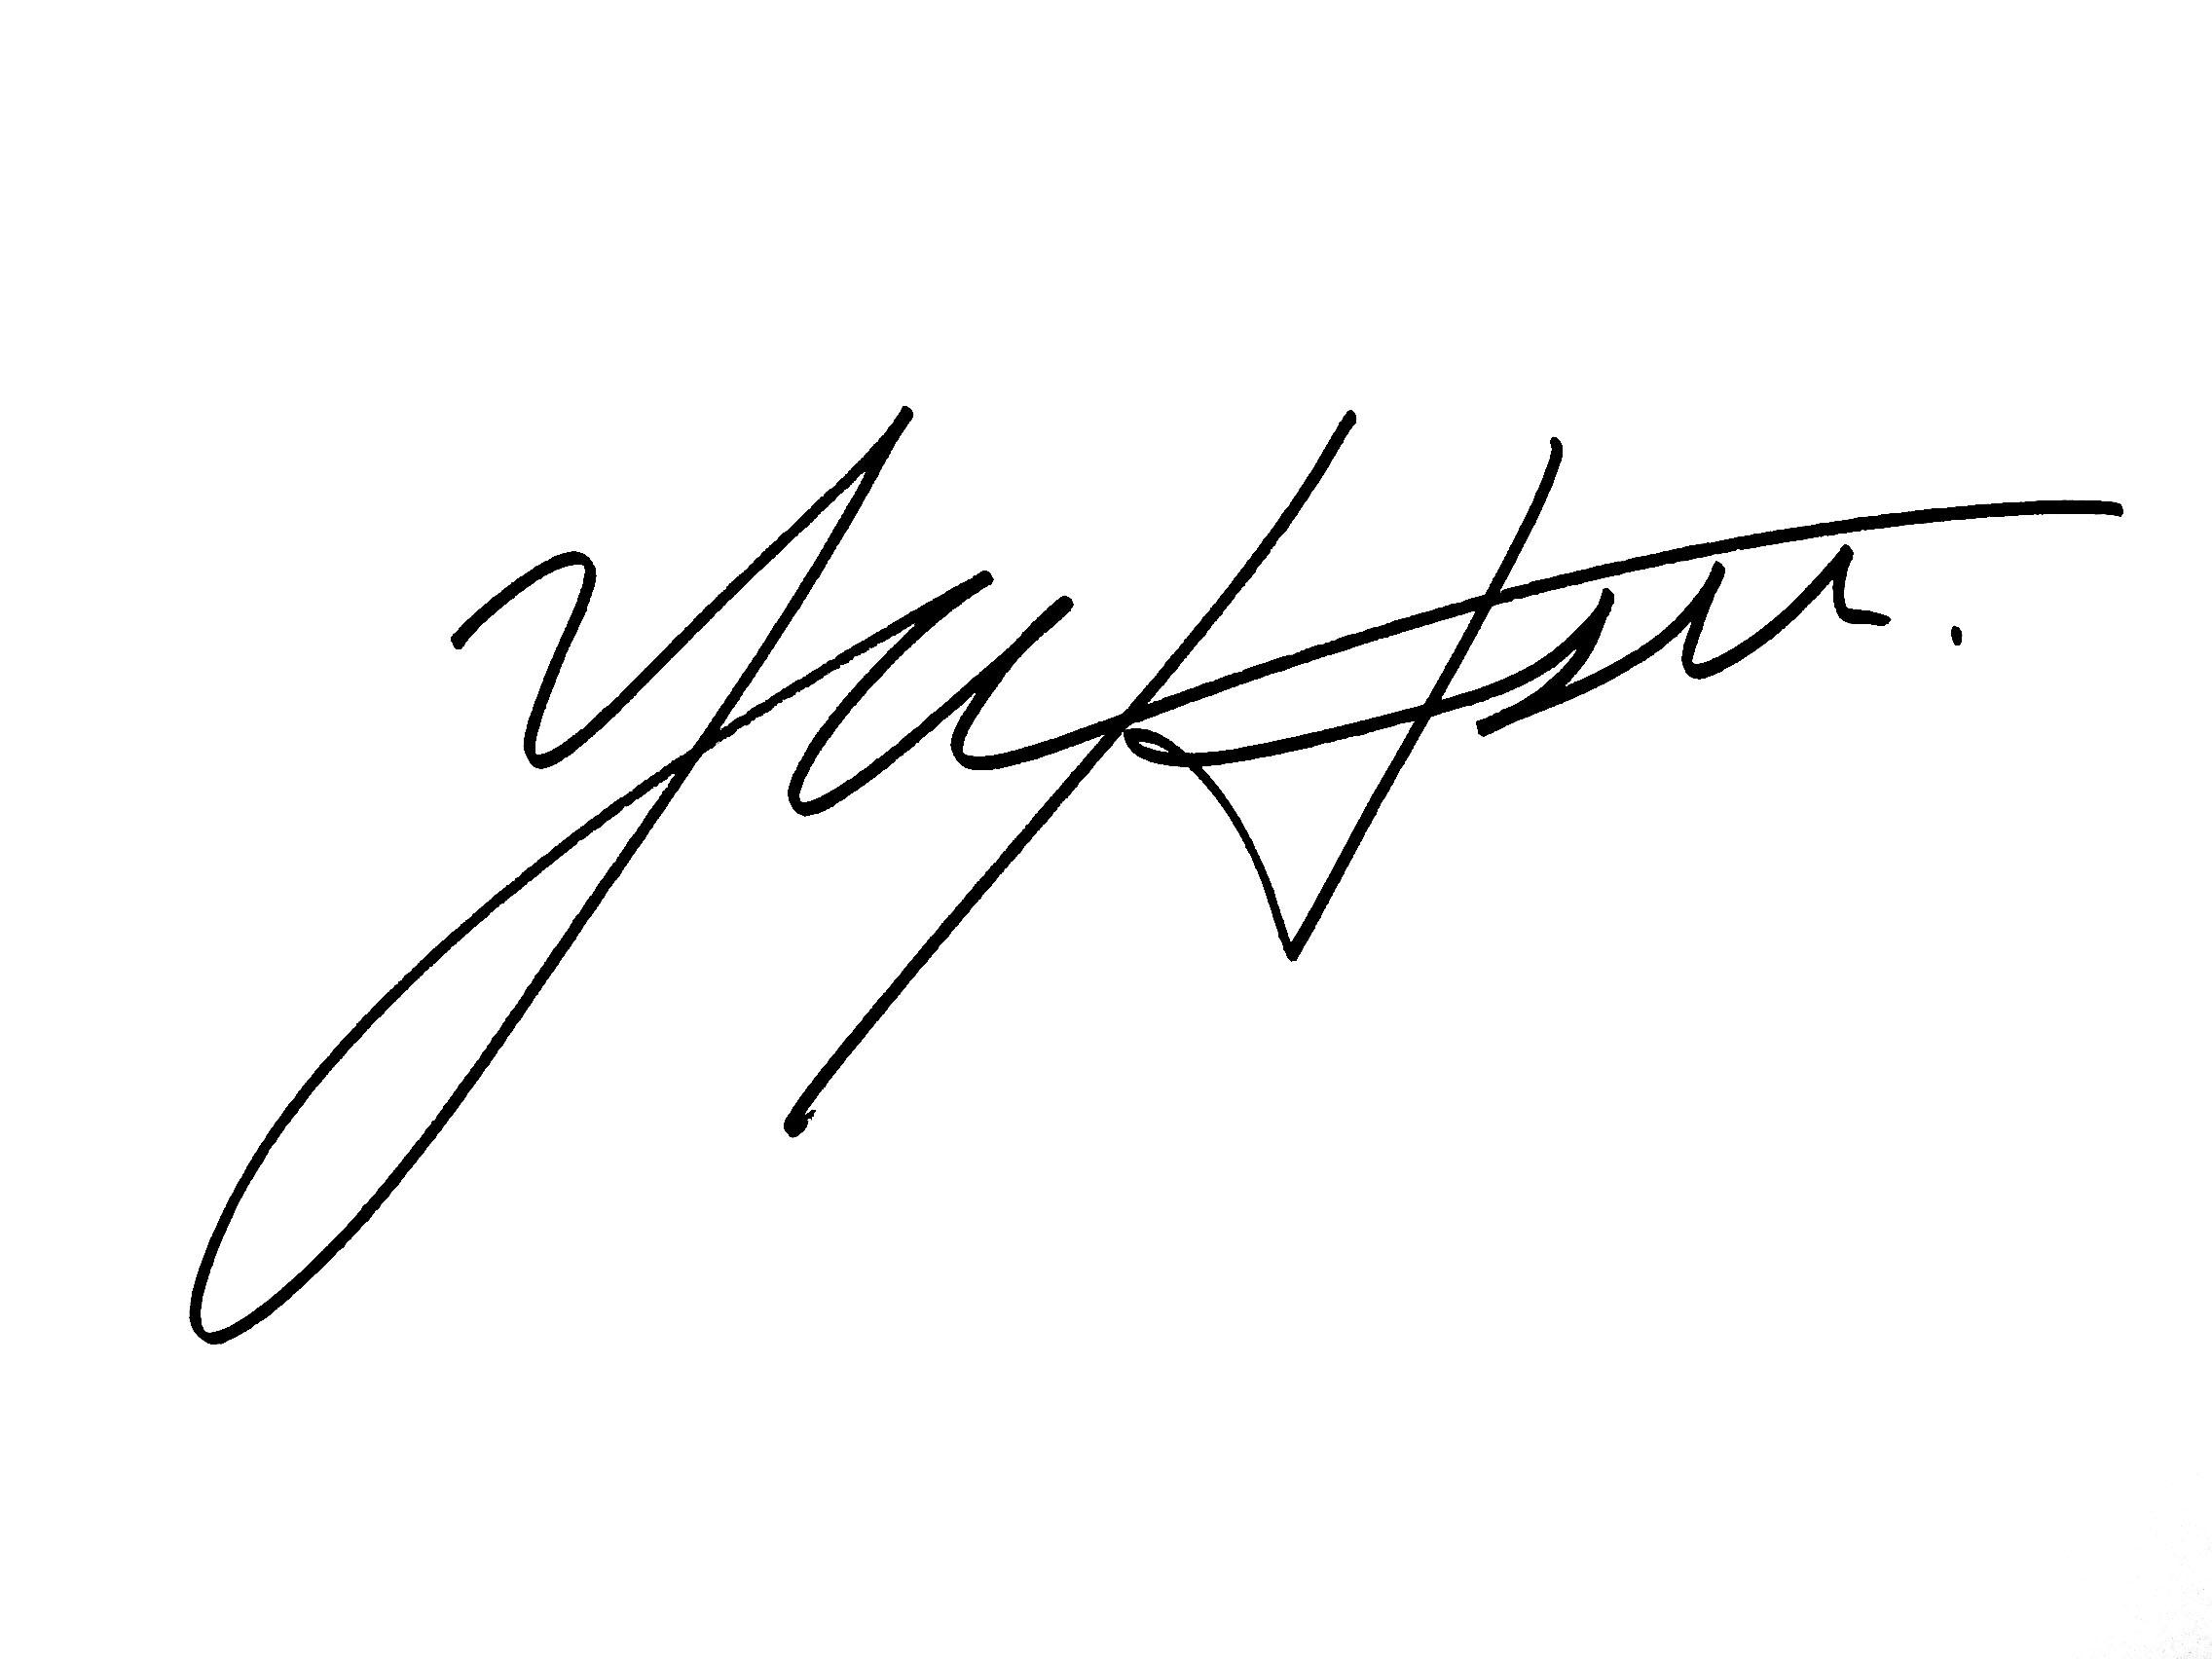 Hyun-su (Anna) Yu Signature